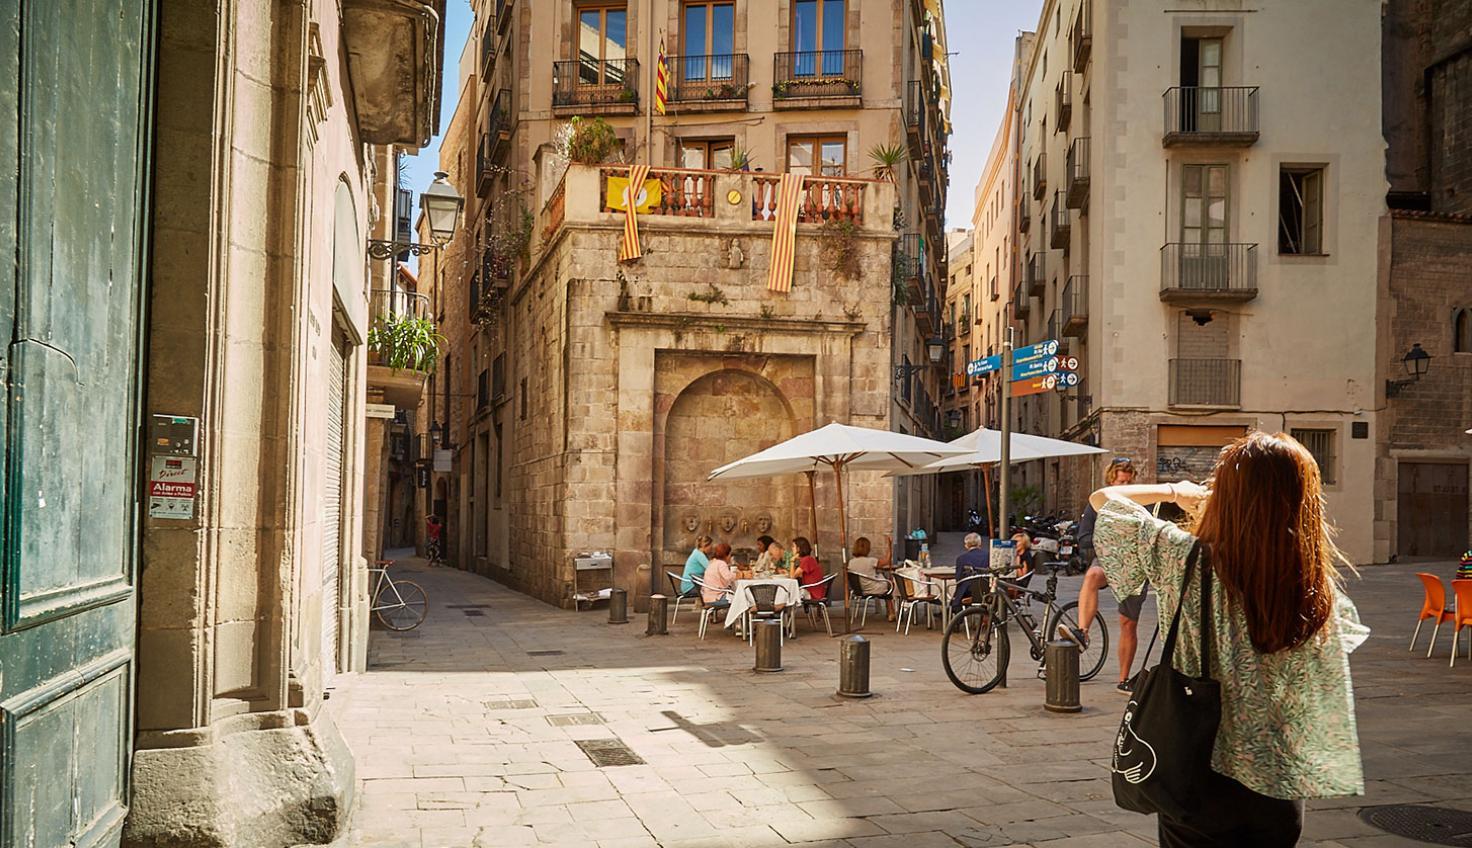 Das Gotische Viertel fotografie